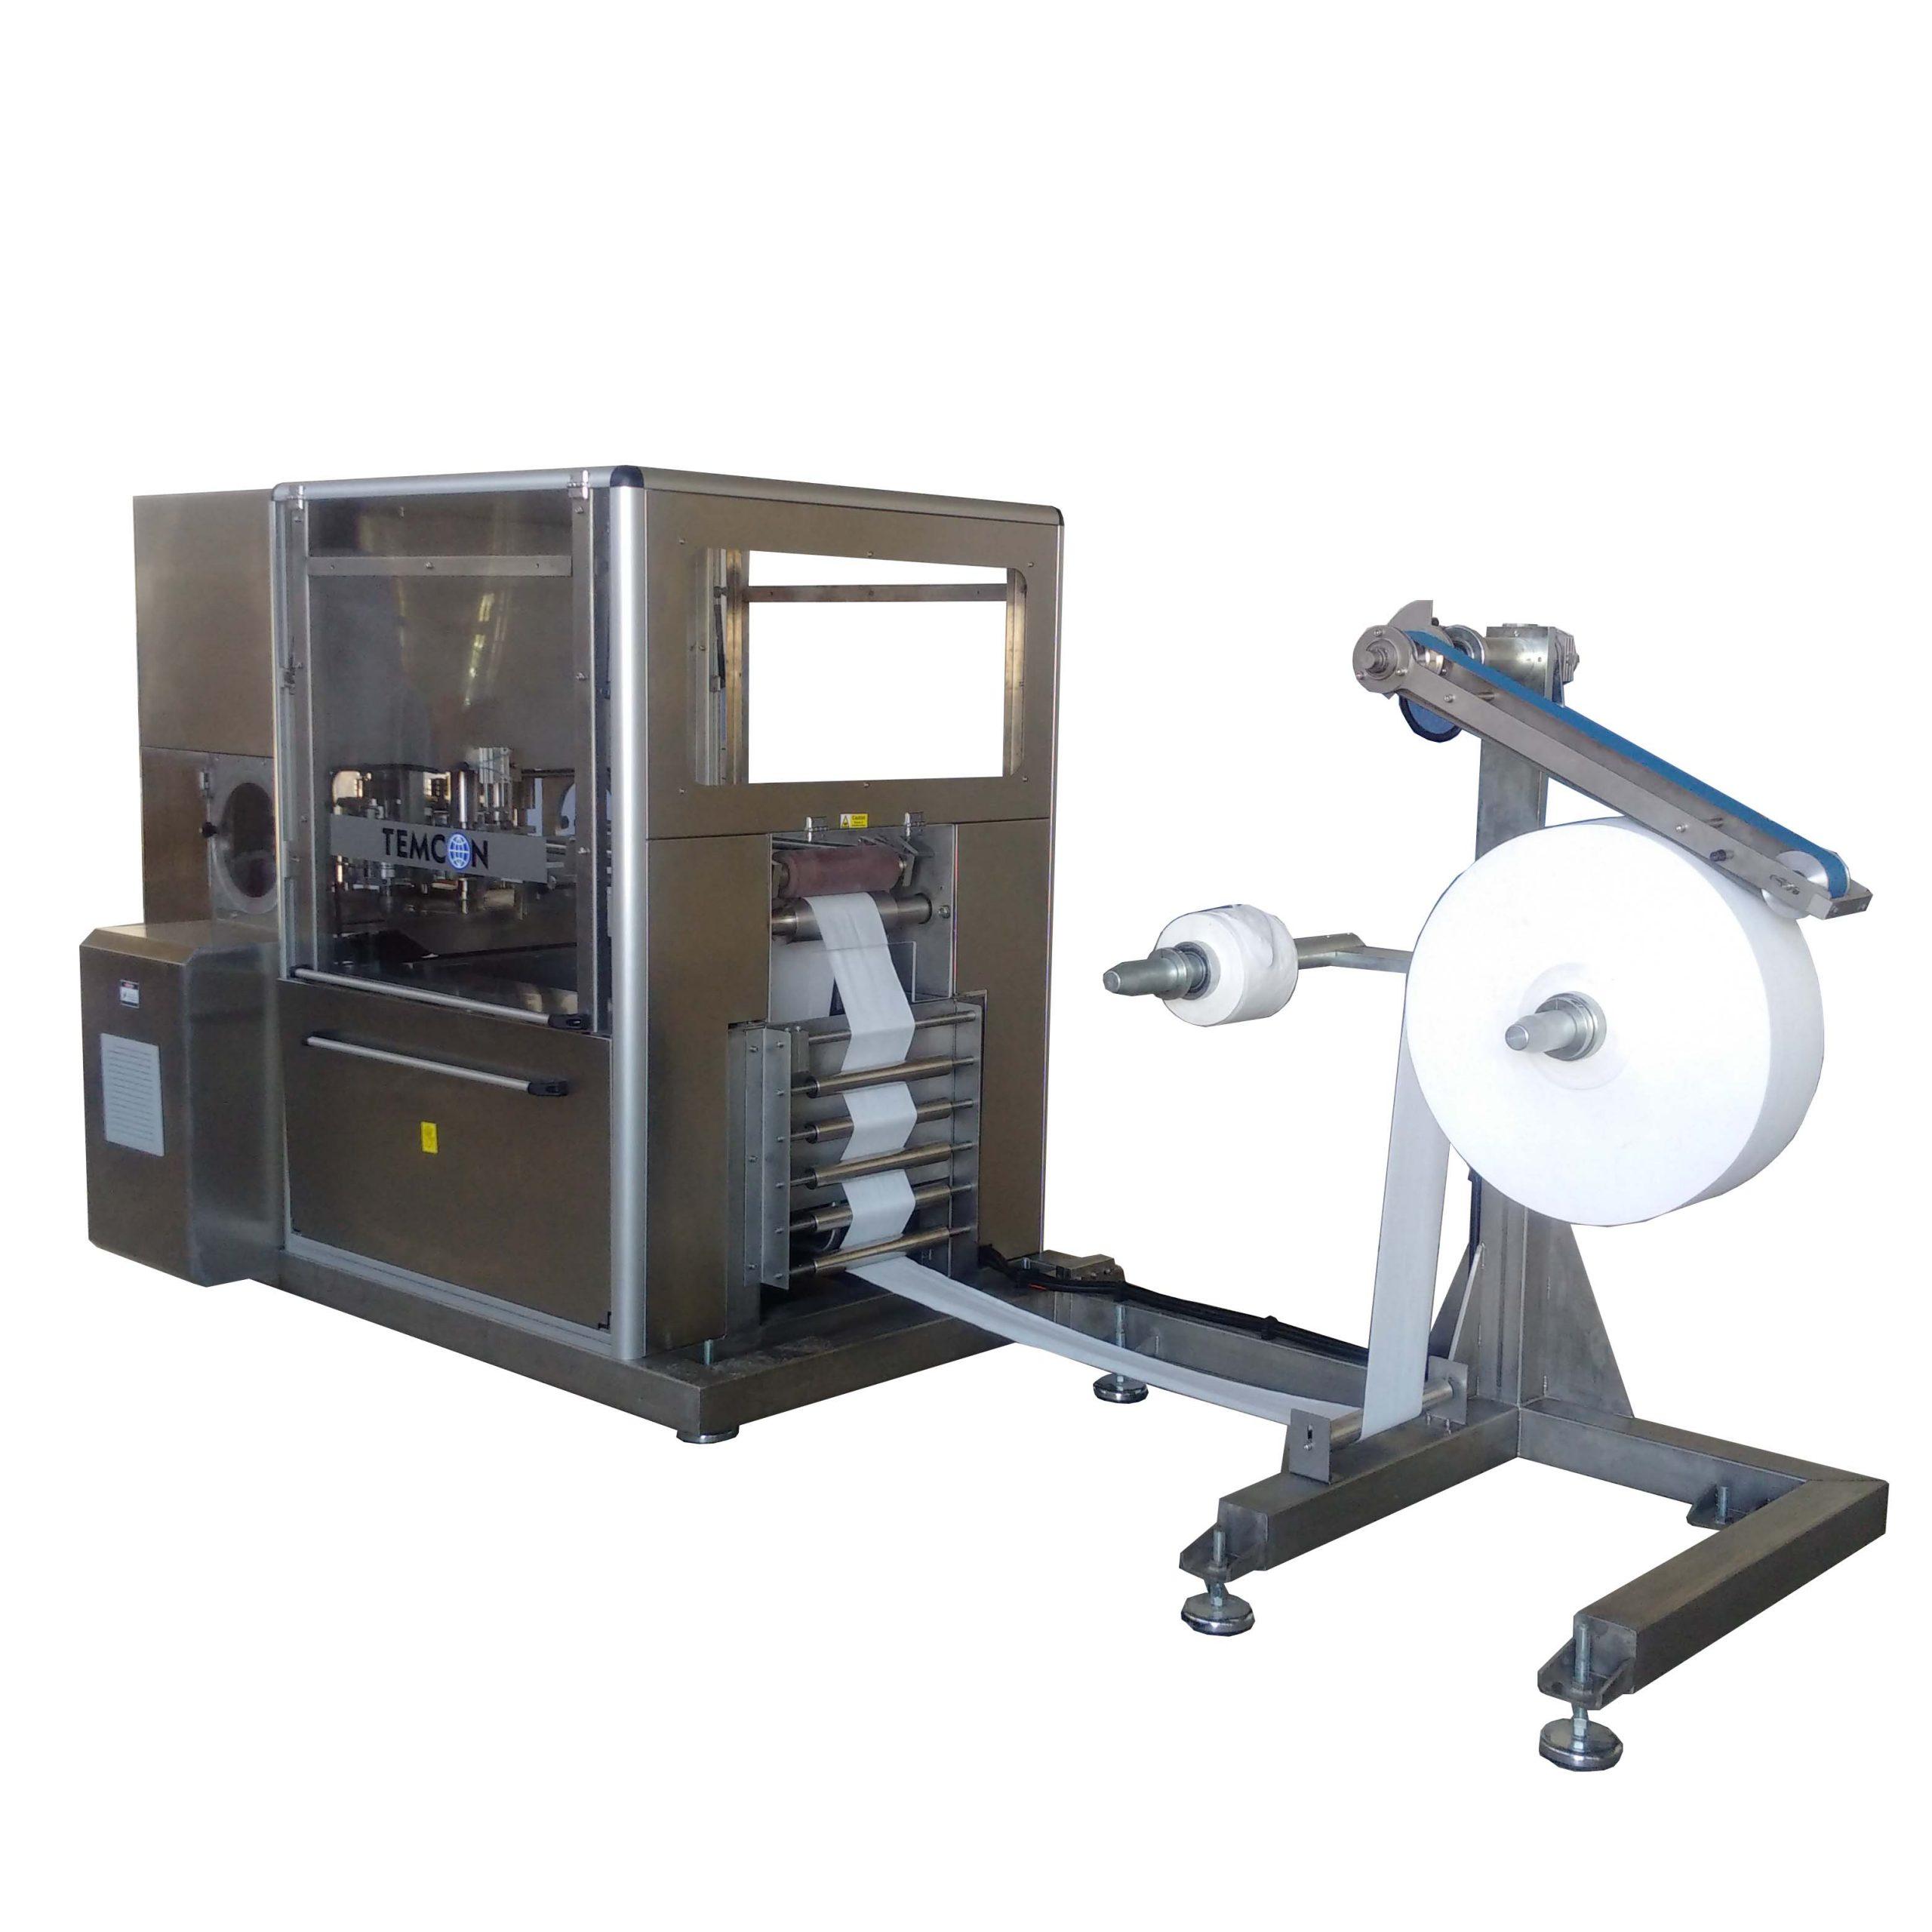 AUTOMATIC CROSS FOLD MACHINE TX800